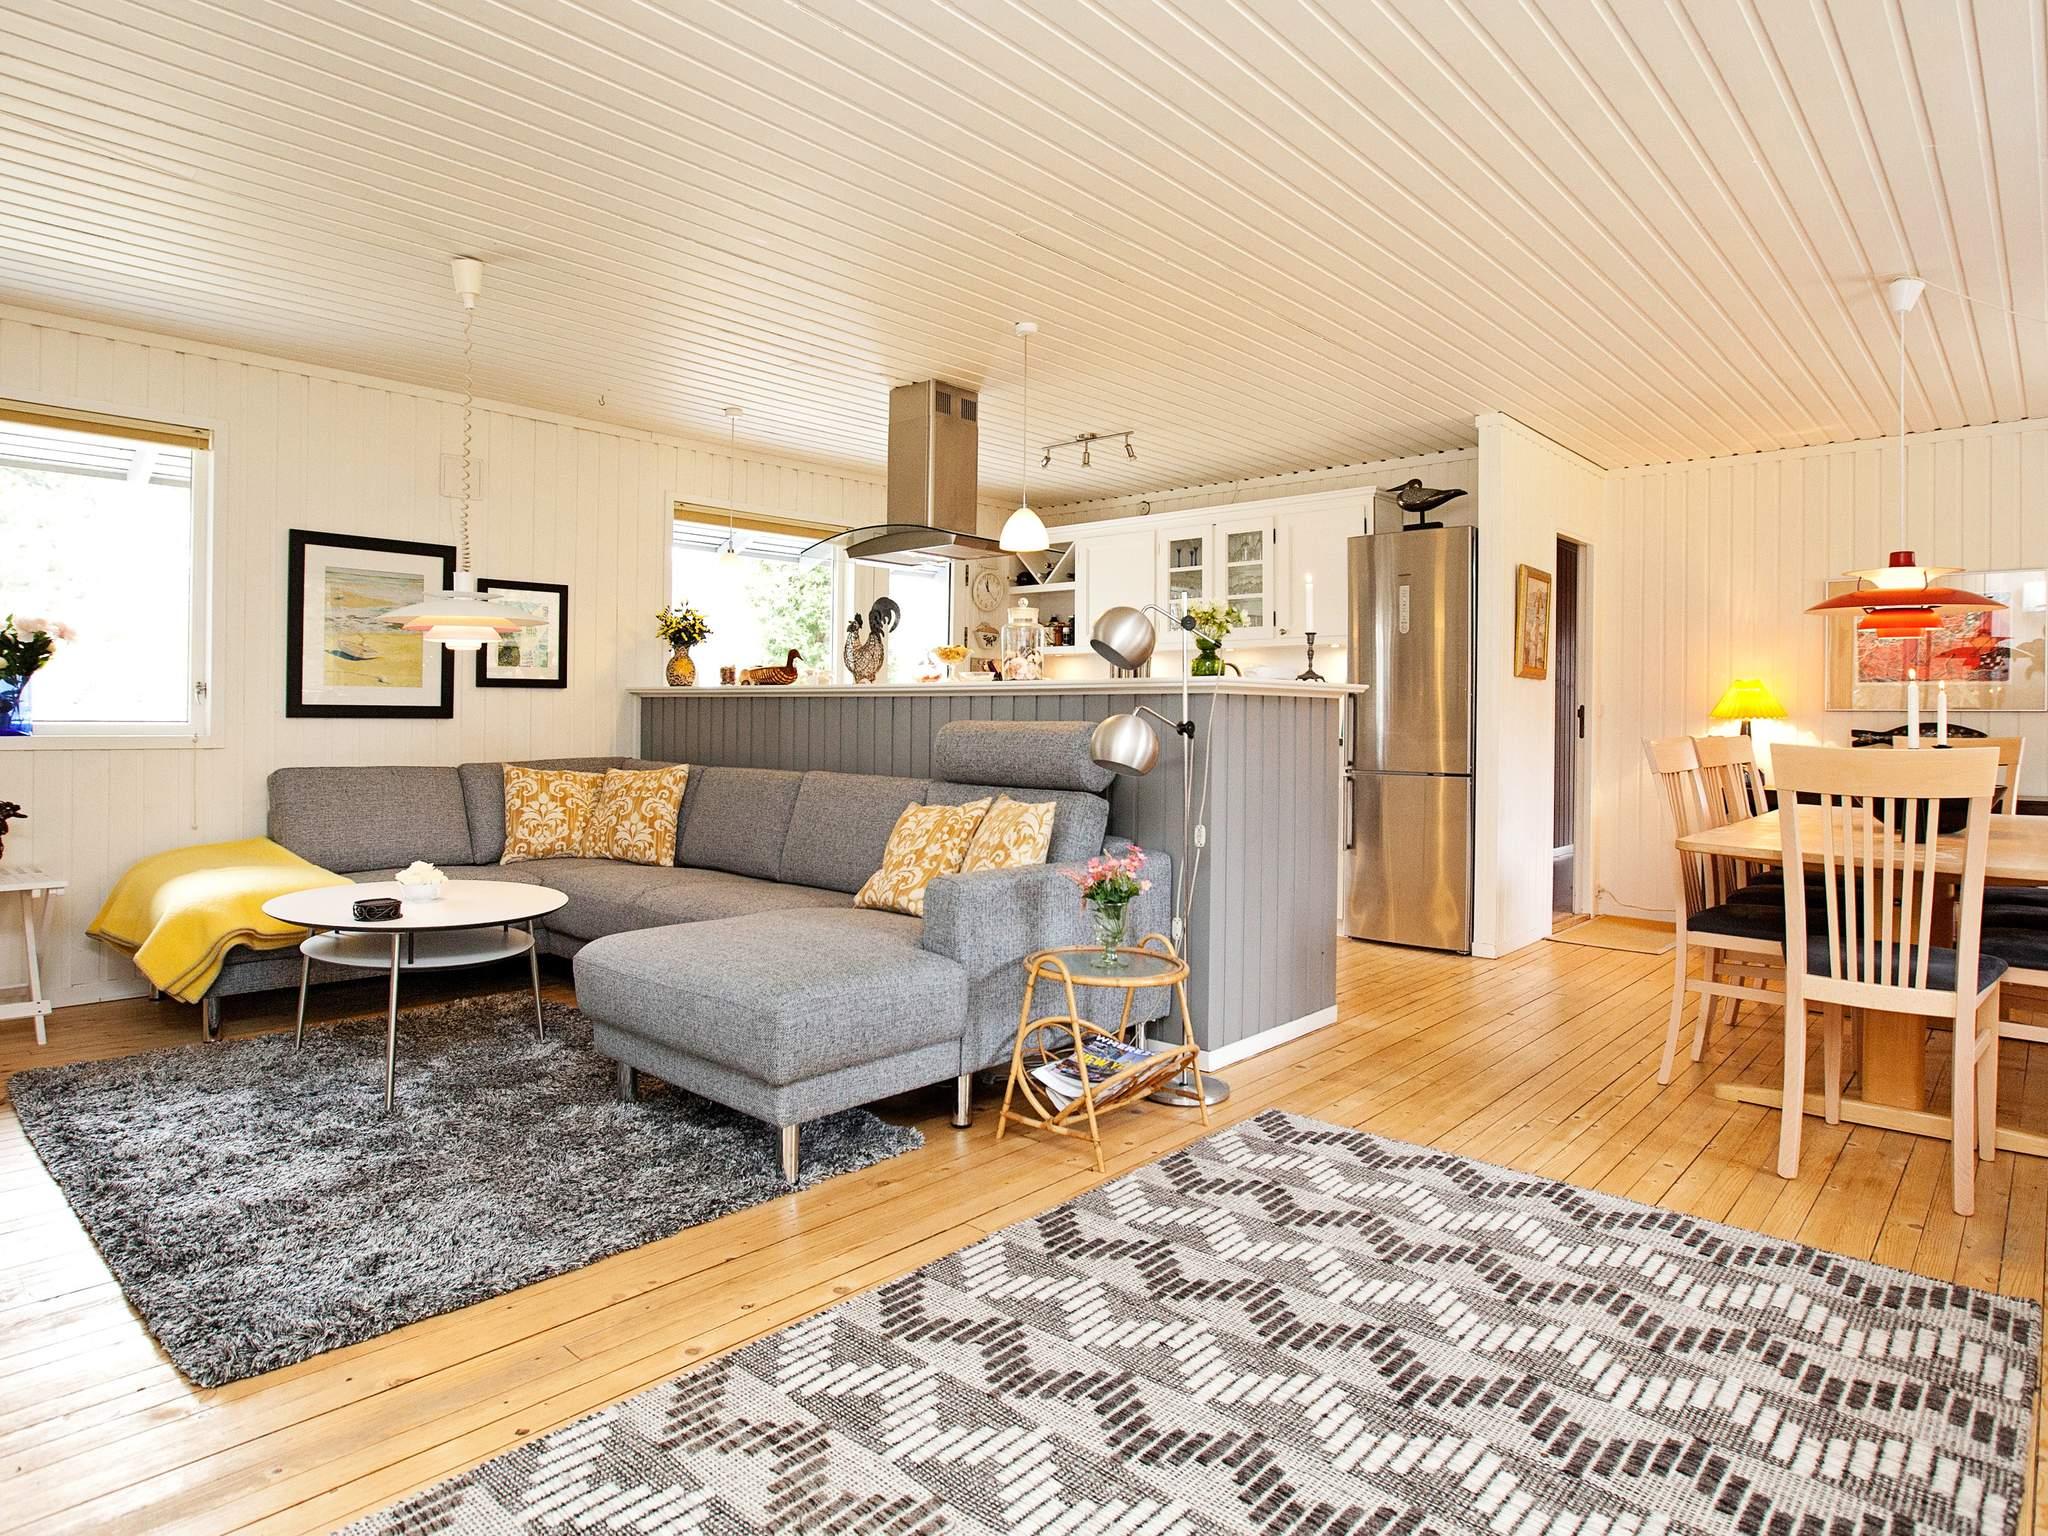 Ferienhaus Udsholt Strand (87426), Udsholt, , Nordseeland, Dänemark, Bild 2